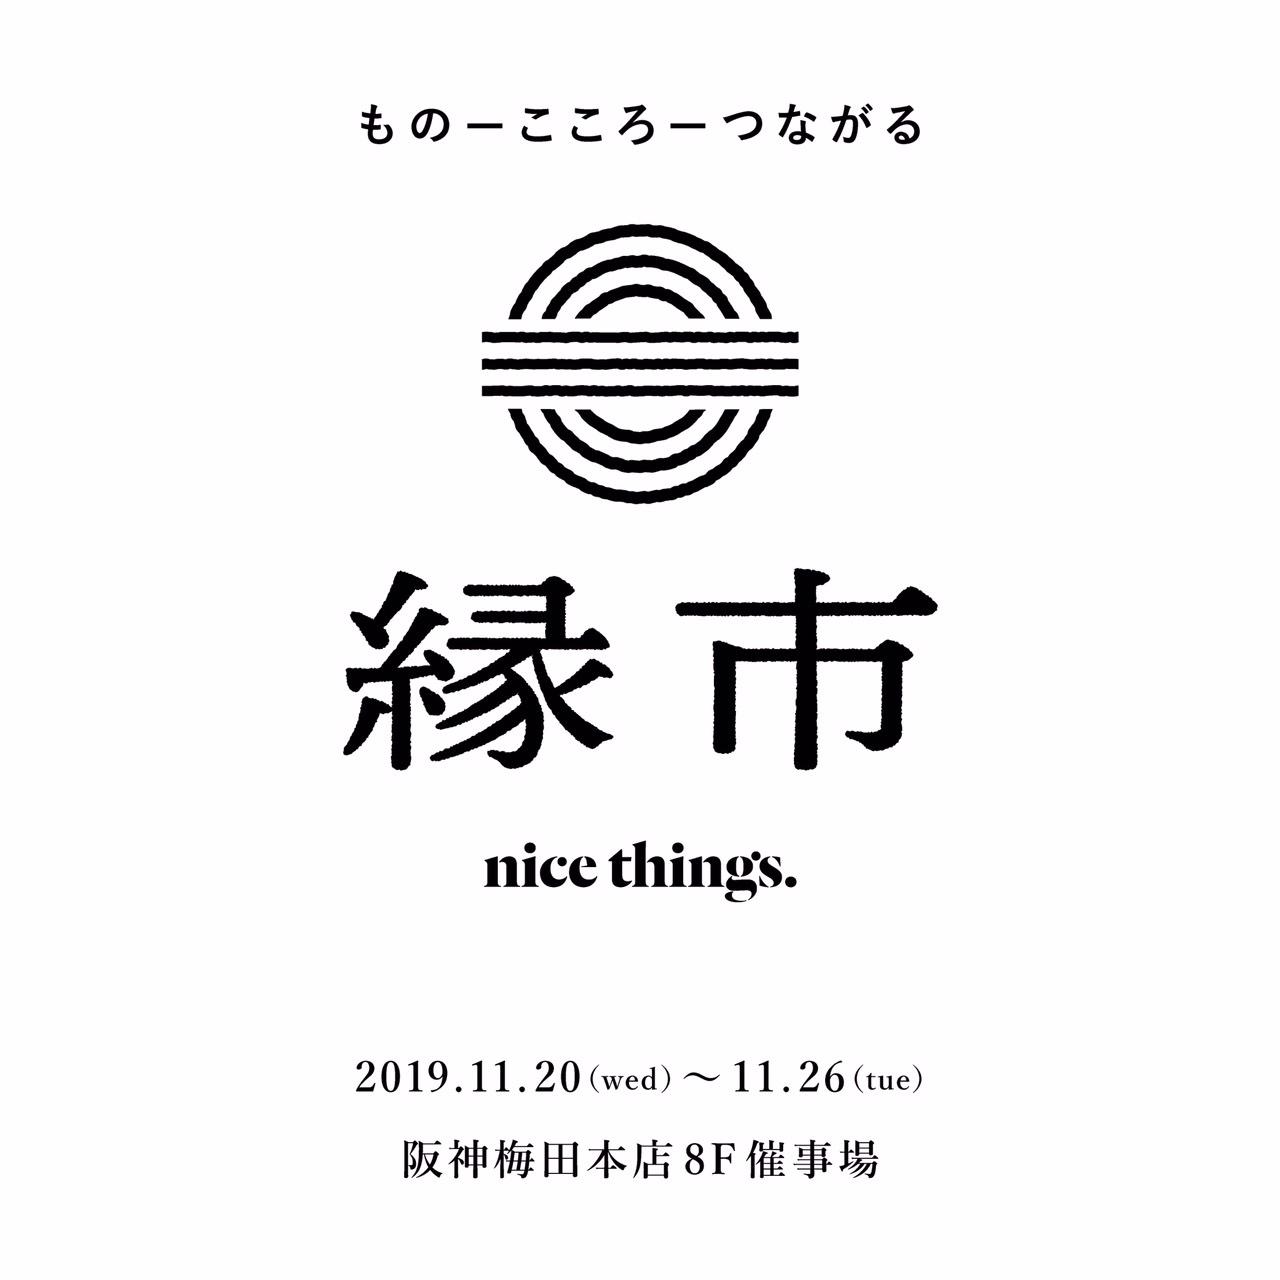 nice things. 縁市/阪神梅田本店8F